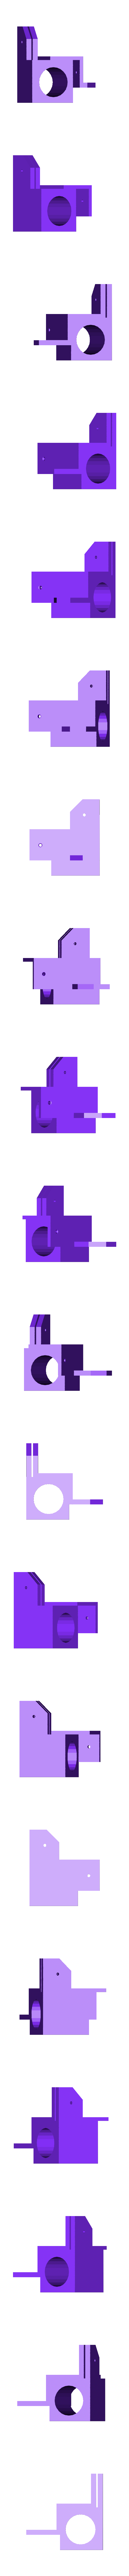 Lack_raiser-Back-LEFT.stl Télécharger fichier STL gratuit Risques d'absence de table pour l'enceinte • Objet pour imprimante 3D, Hobb3s